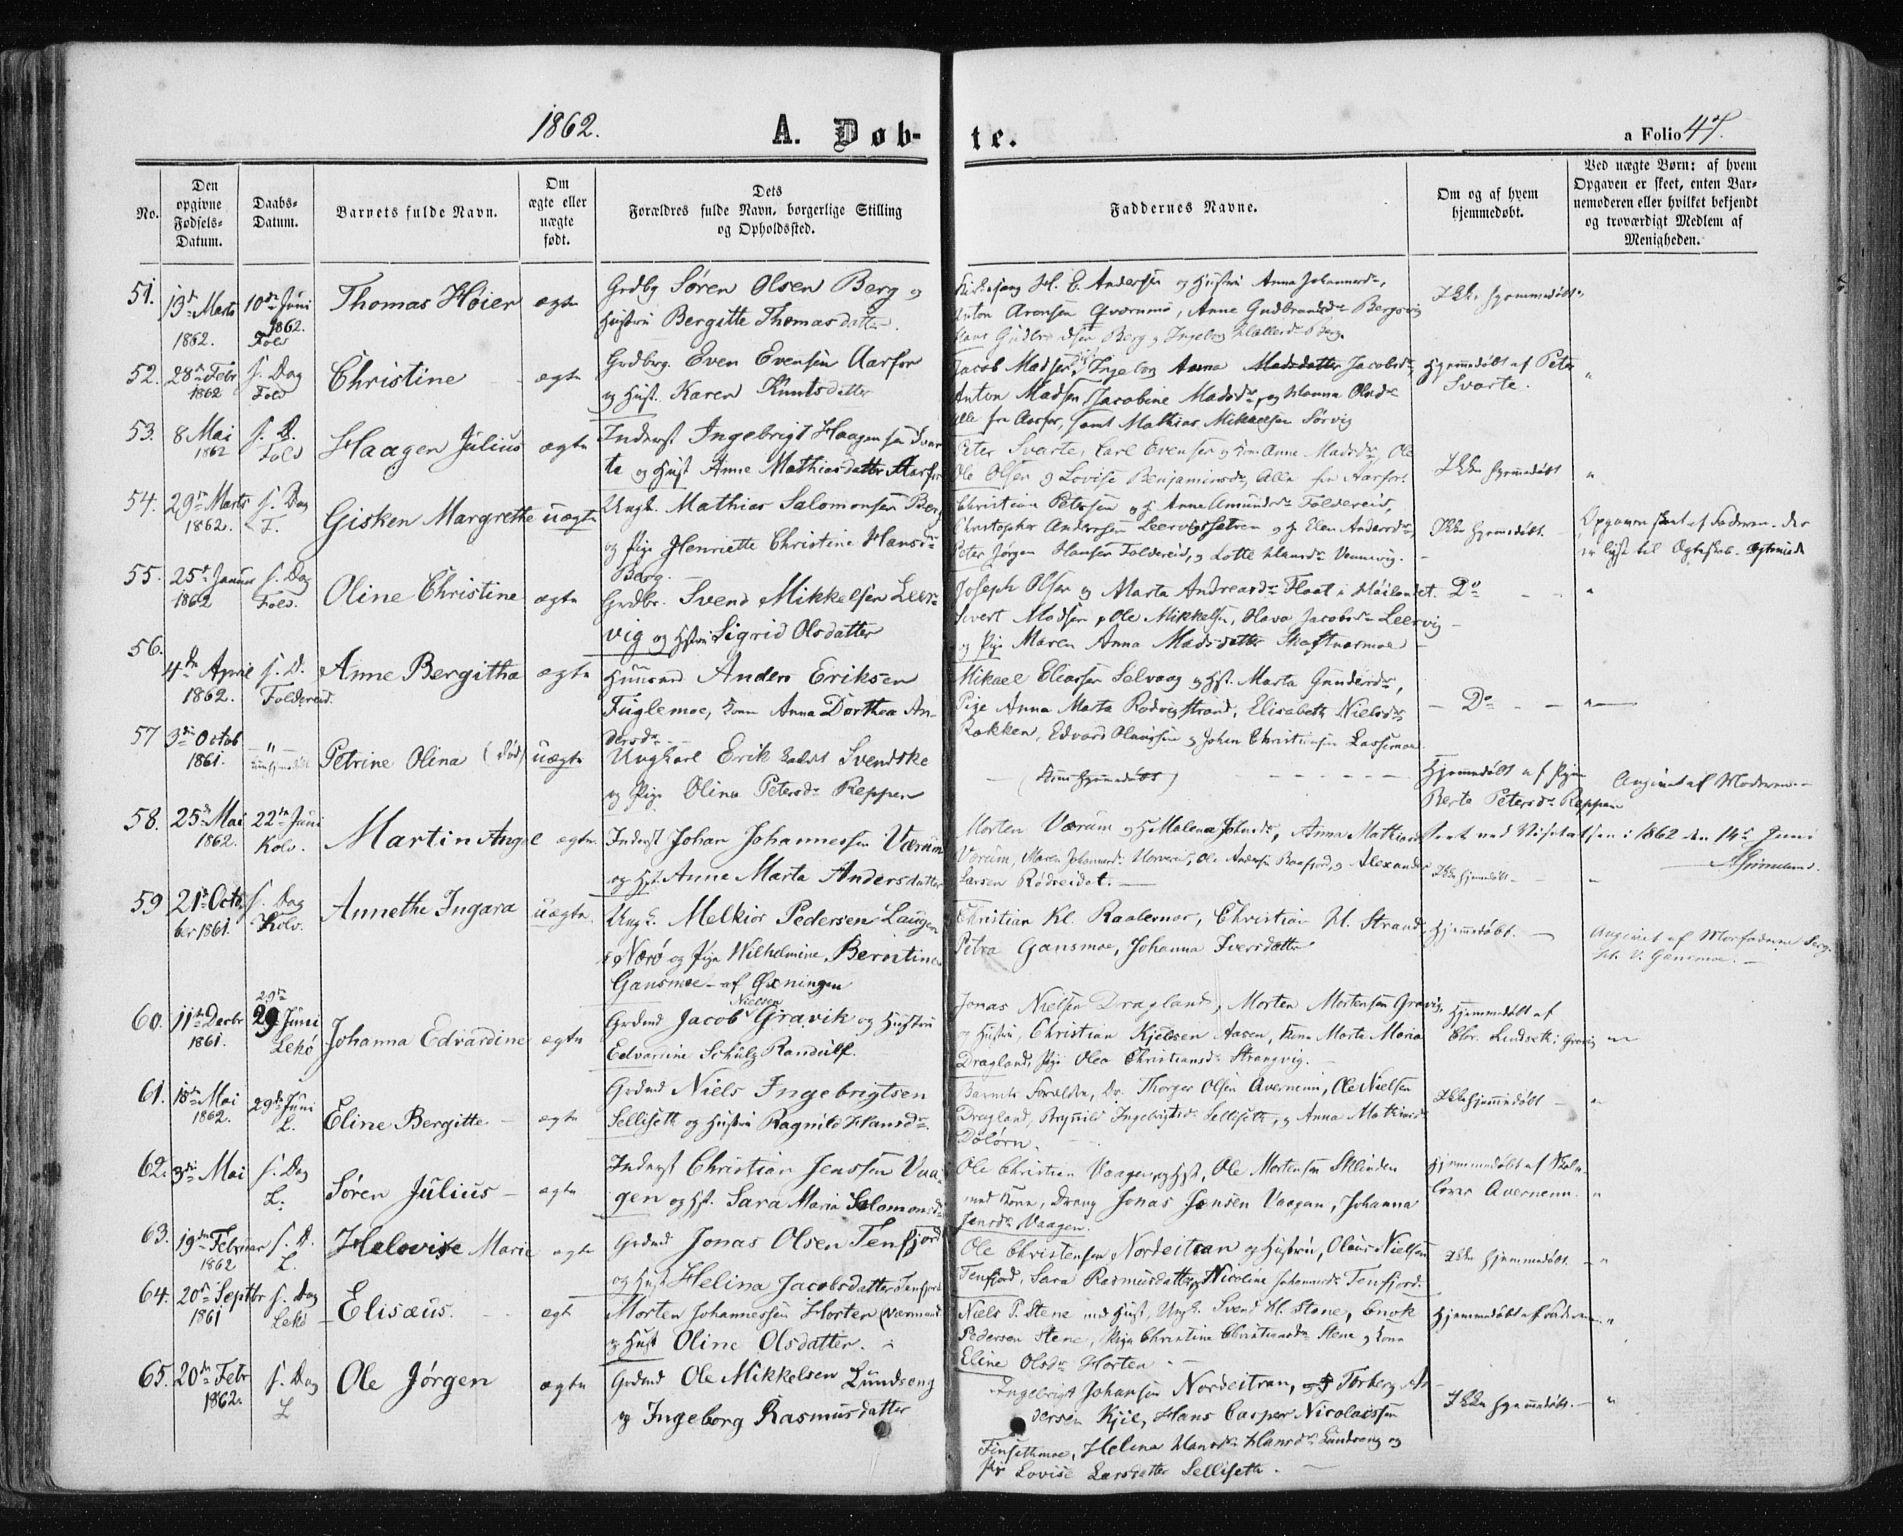 SAT, Ministerialprotokoller, klokkerbøker og fødselsregistre - Nord-Trøndelag, 780/L0641: Ministerialbok nr. 780A06, 1857-1874, s. 47